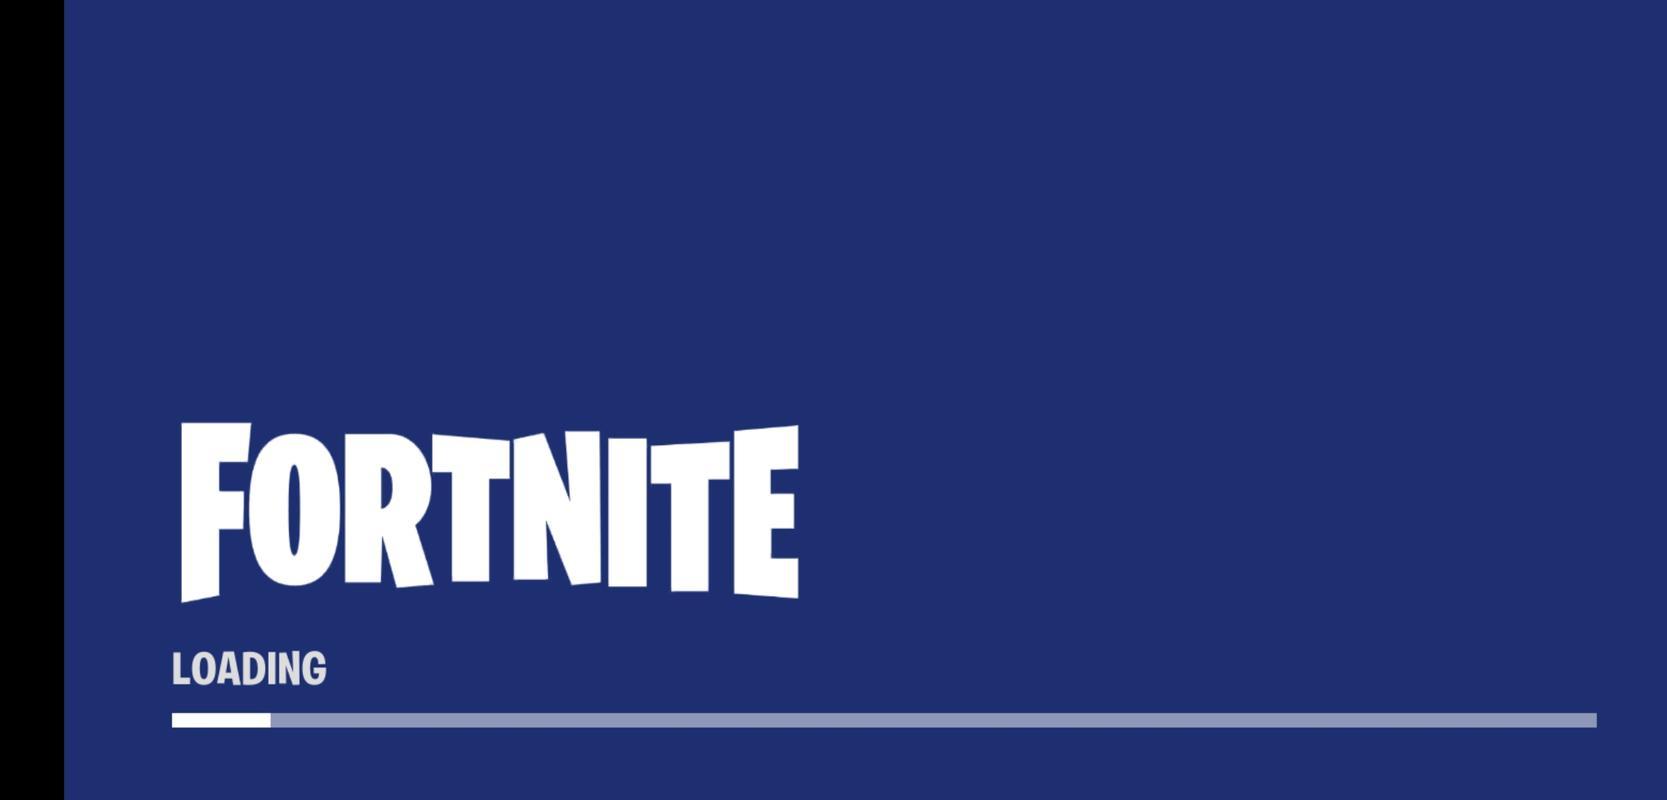 Fortnite Battle Royale Dlya Android Skachat Apk - fortnite battle royale skrinshot 2